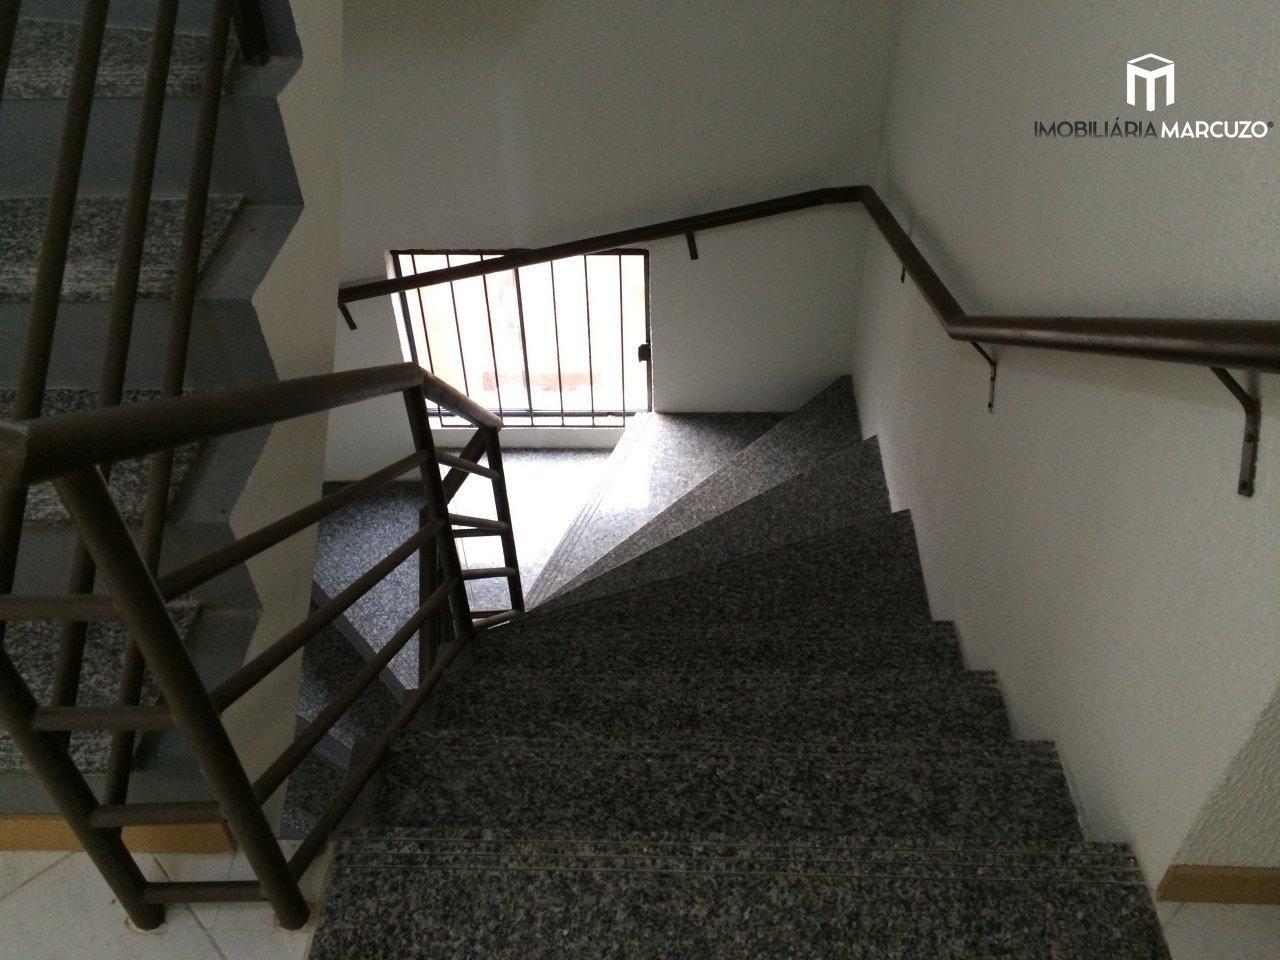 Apartamento com 1 Dormitórios à venda, 43 m² por R$ 173.000,00